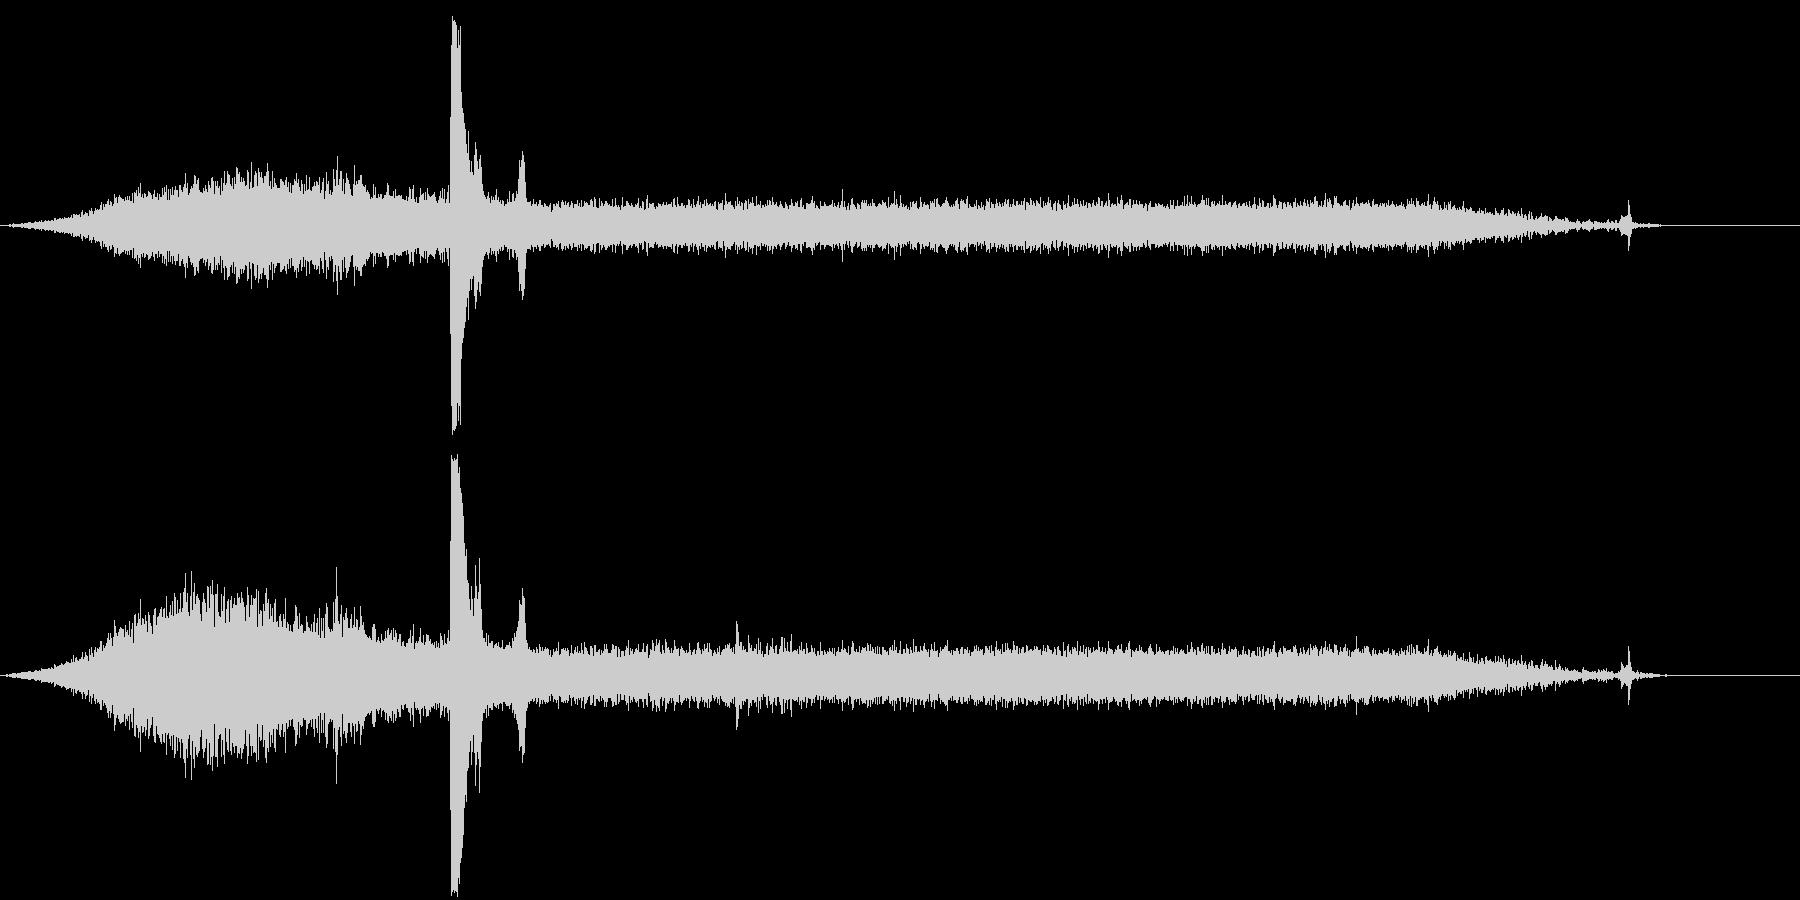 ピータービルトセミトラック:ミディ...の未再生の波形